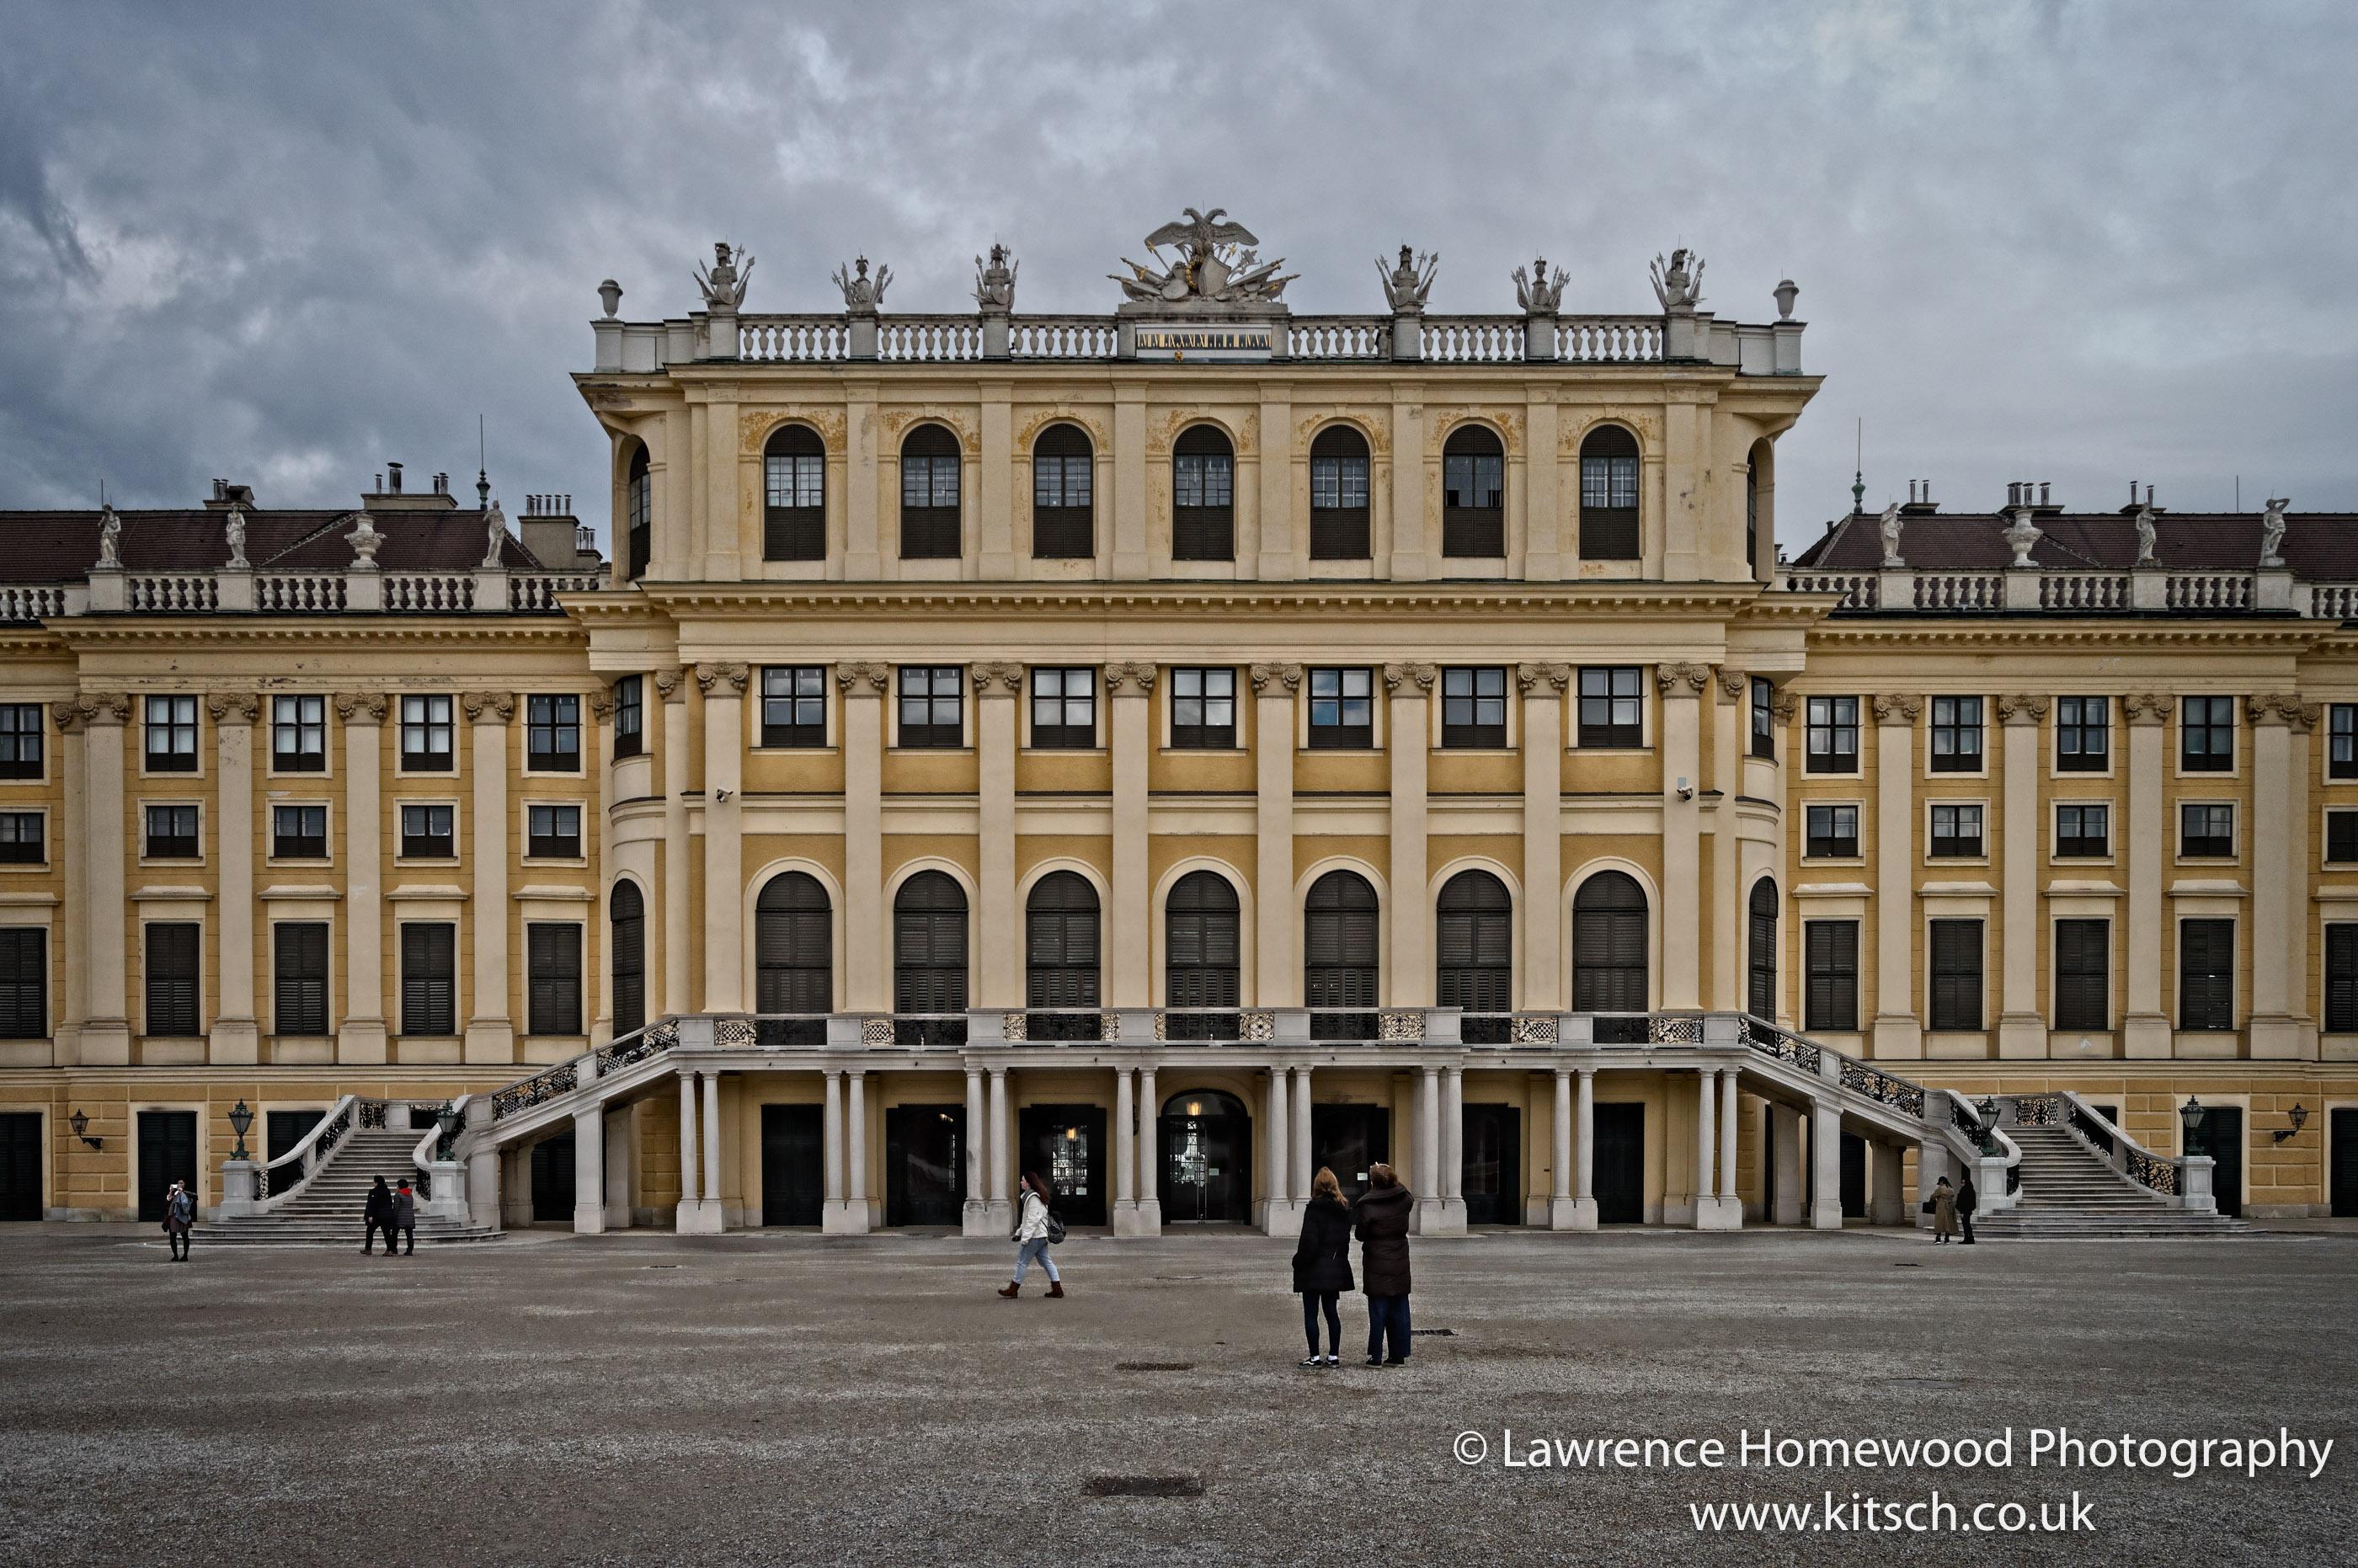 Schonbrunn Palace (garden View)